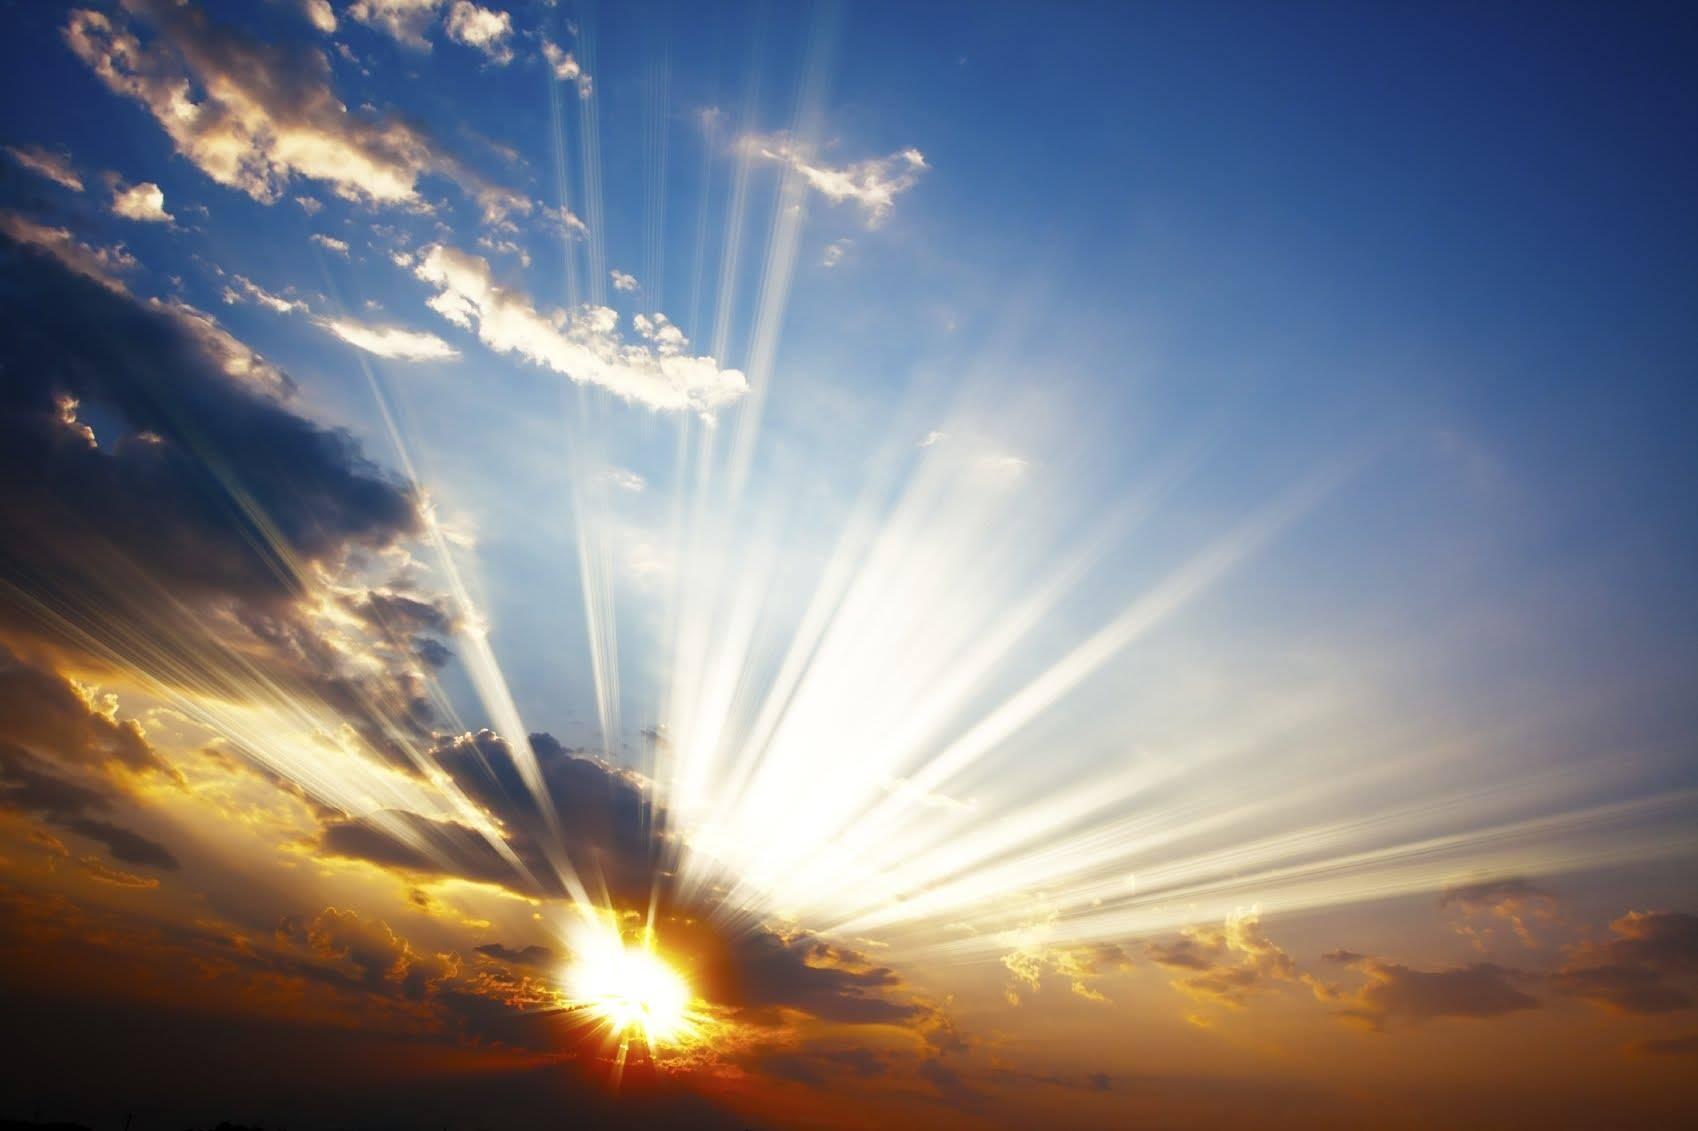 cielo y nubes, El Cielo Se Abre y Las Nubes Se Apartan…, El Rincón de Rovica